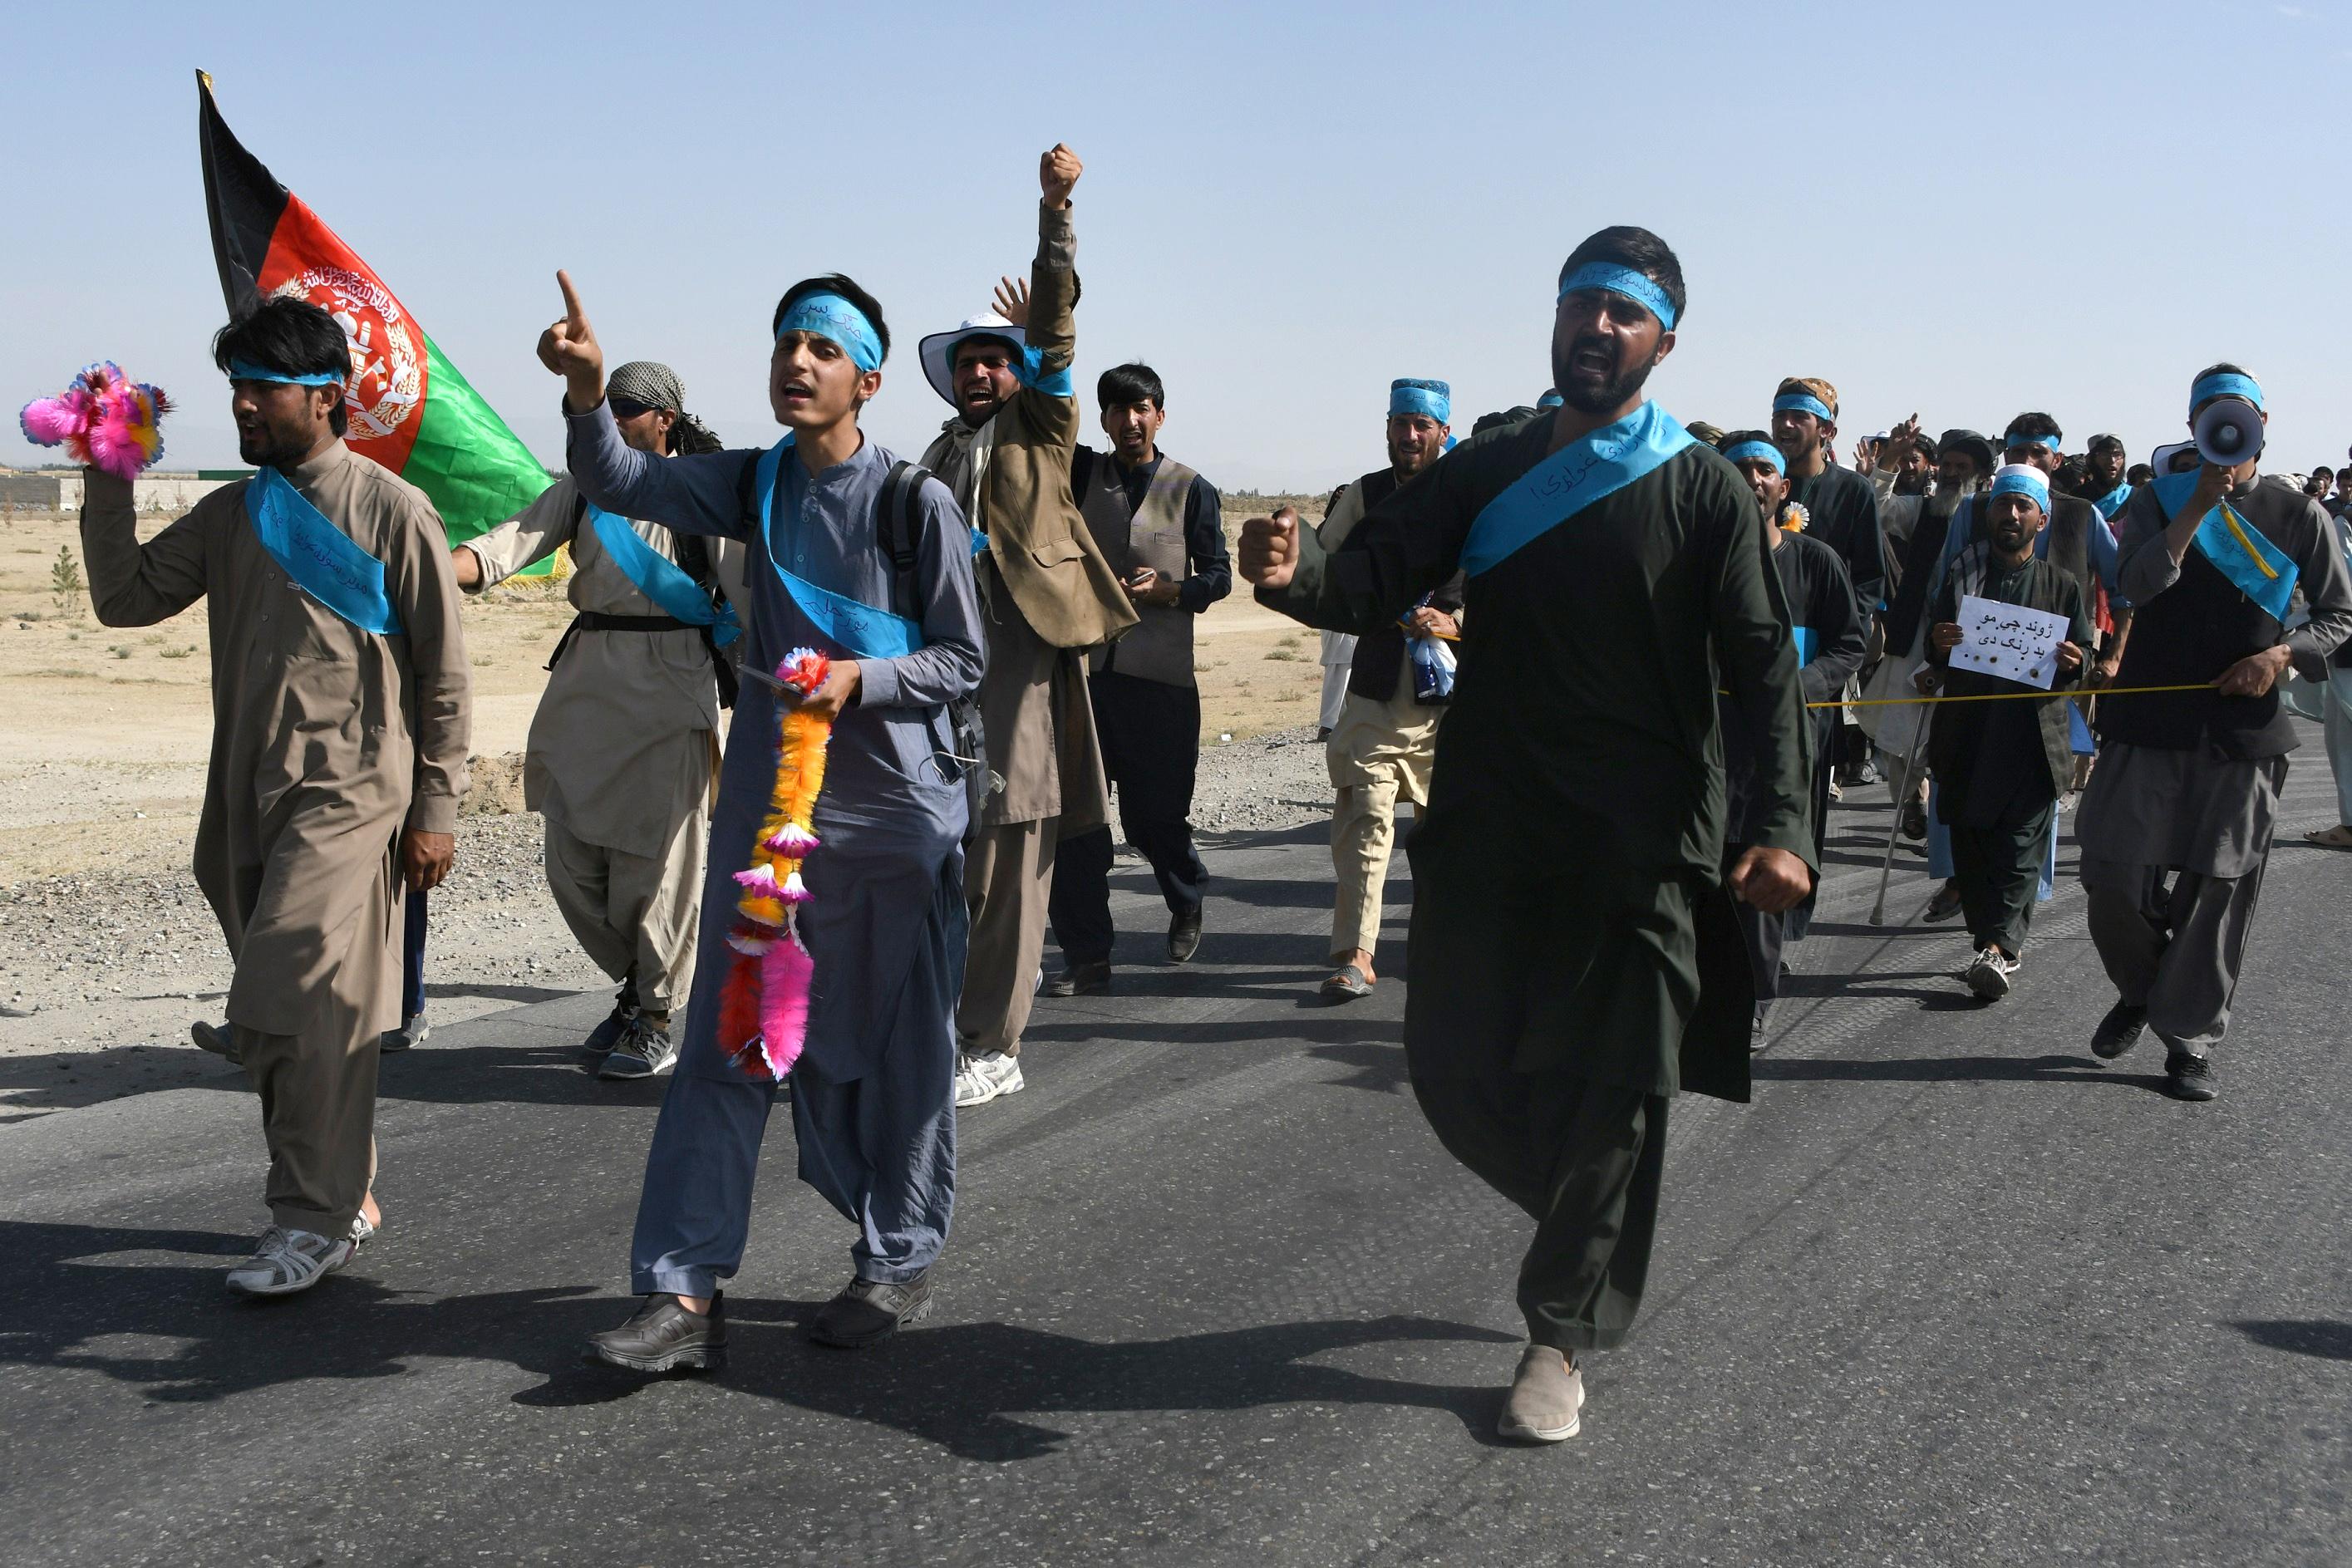 له اوږدې جګړې څخه وروسته، اوربند افغانانو ته د دایمي سولې هیلې راوړې